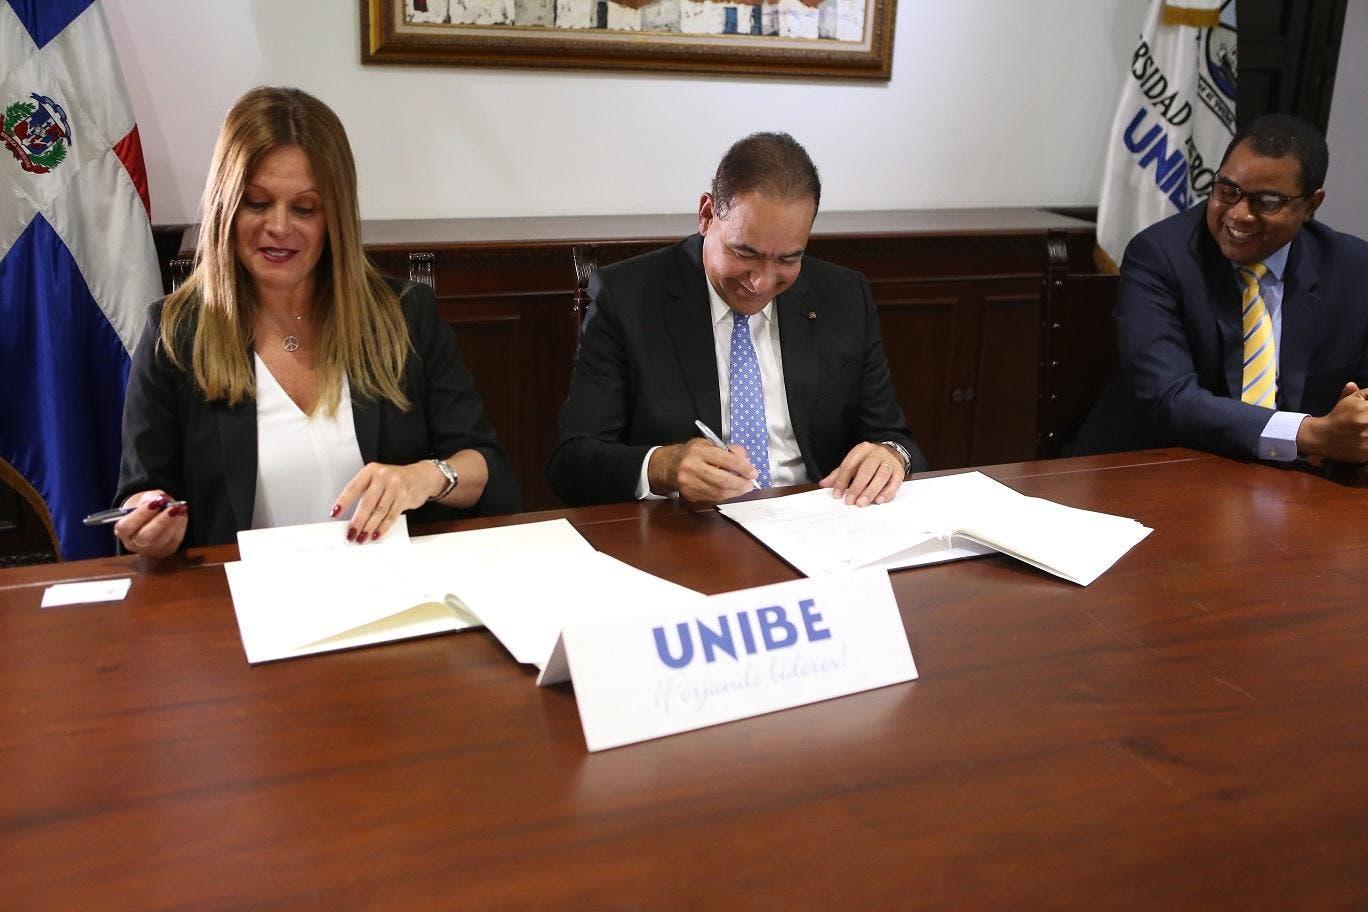 Banesco y Unibe firman acuerdo para fomentar emprendimiento de jóvenes